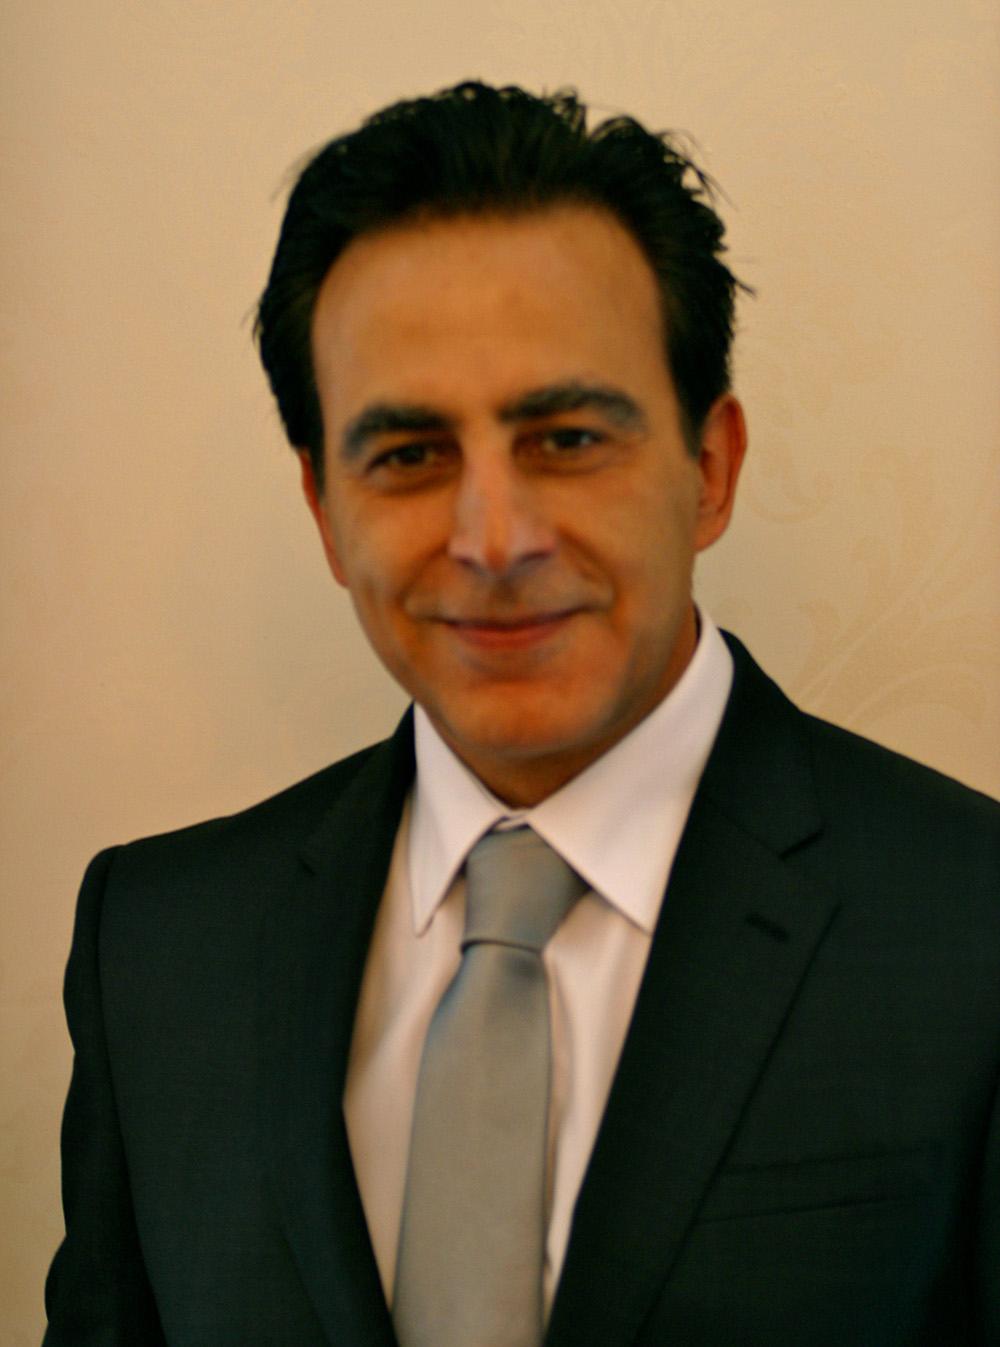 Jami Tehrani